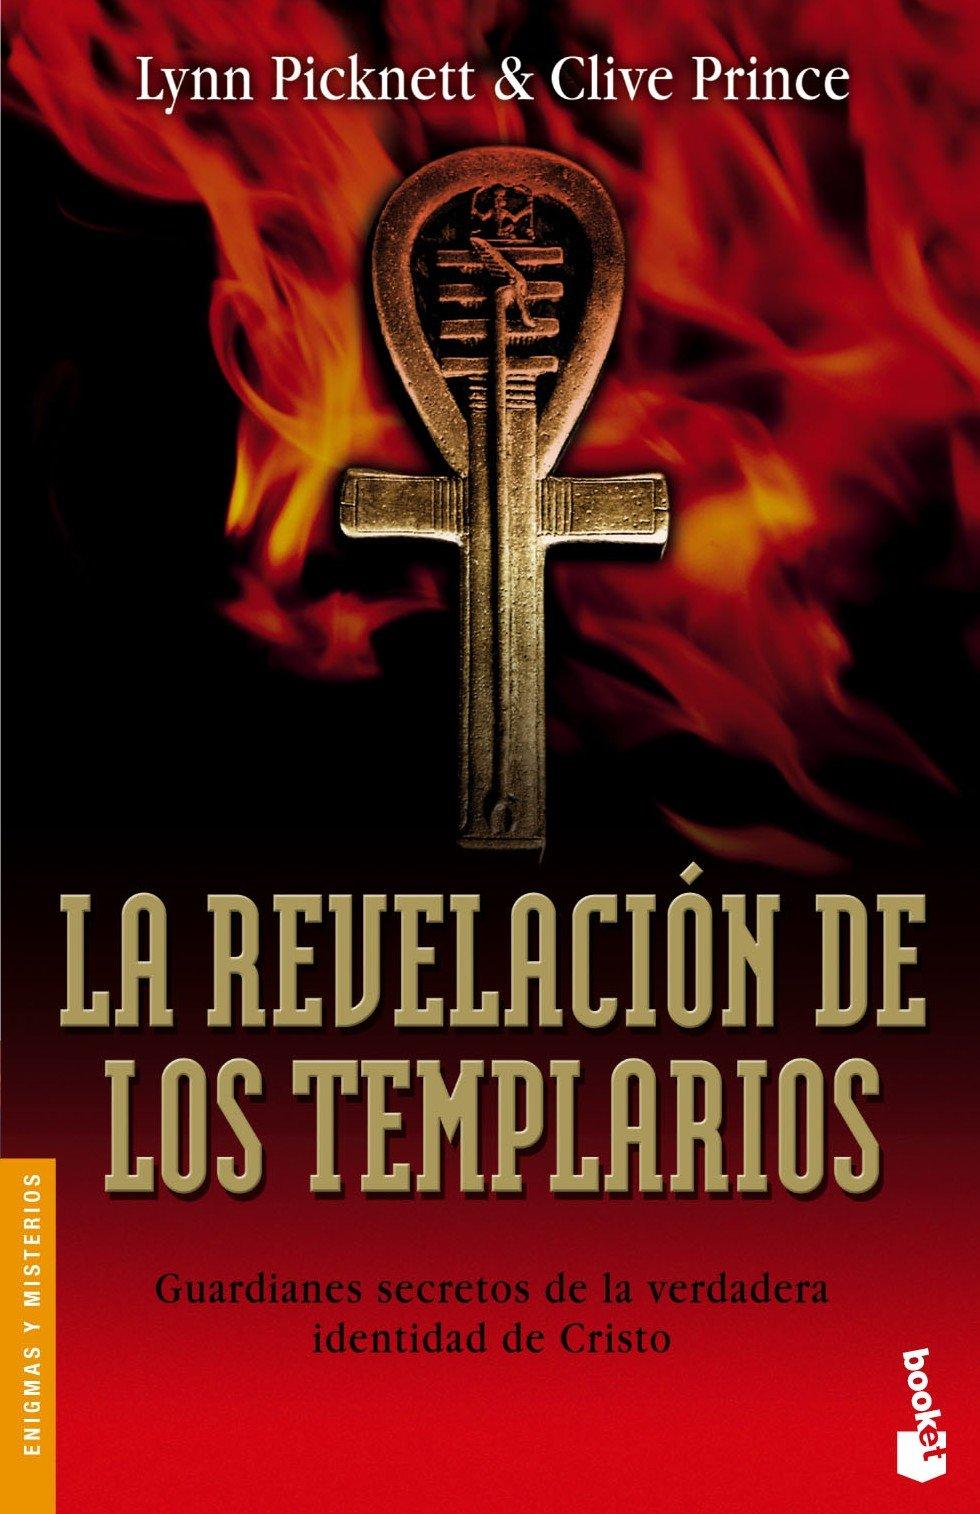 La revelación de los templarios (Divulgación): Amazon.es: Picknett, Lynn Margaret, Prince, Clive: Libros